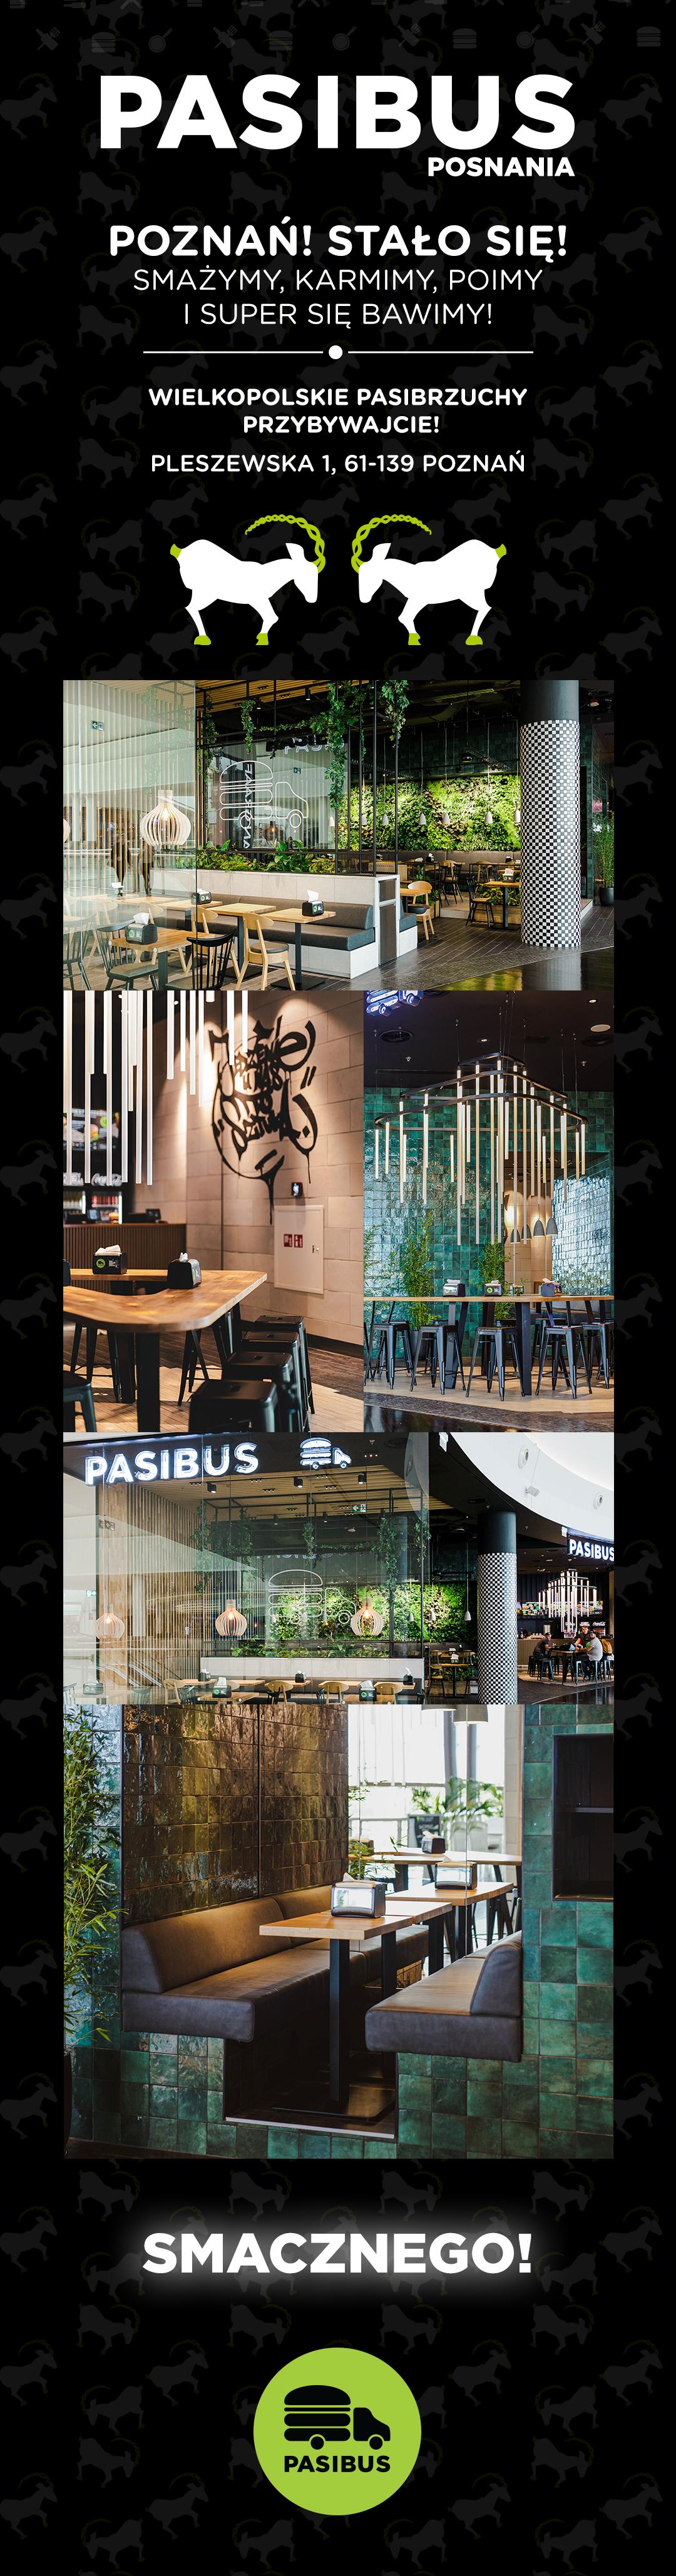 Otwarcie nowej restauracji w Posnania Poznań